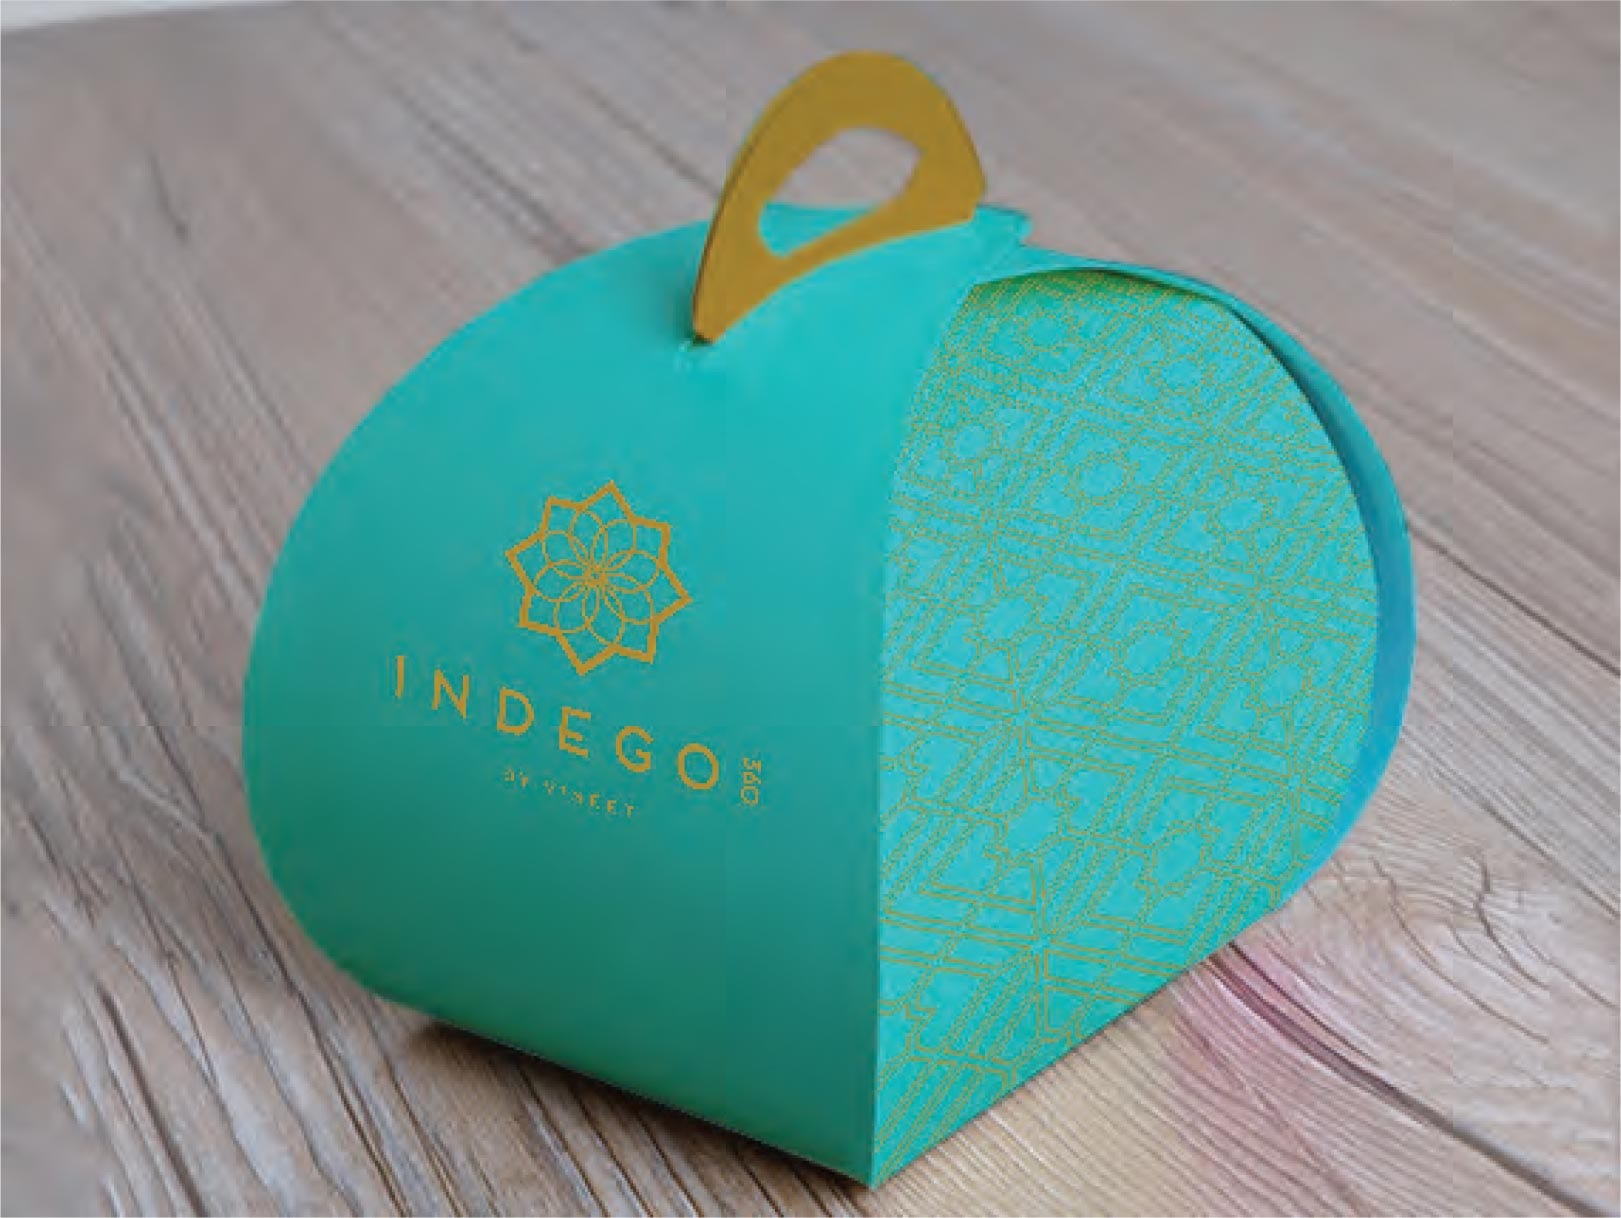 Indego 360